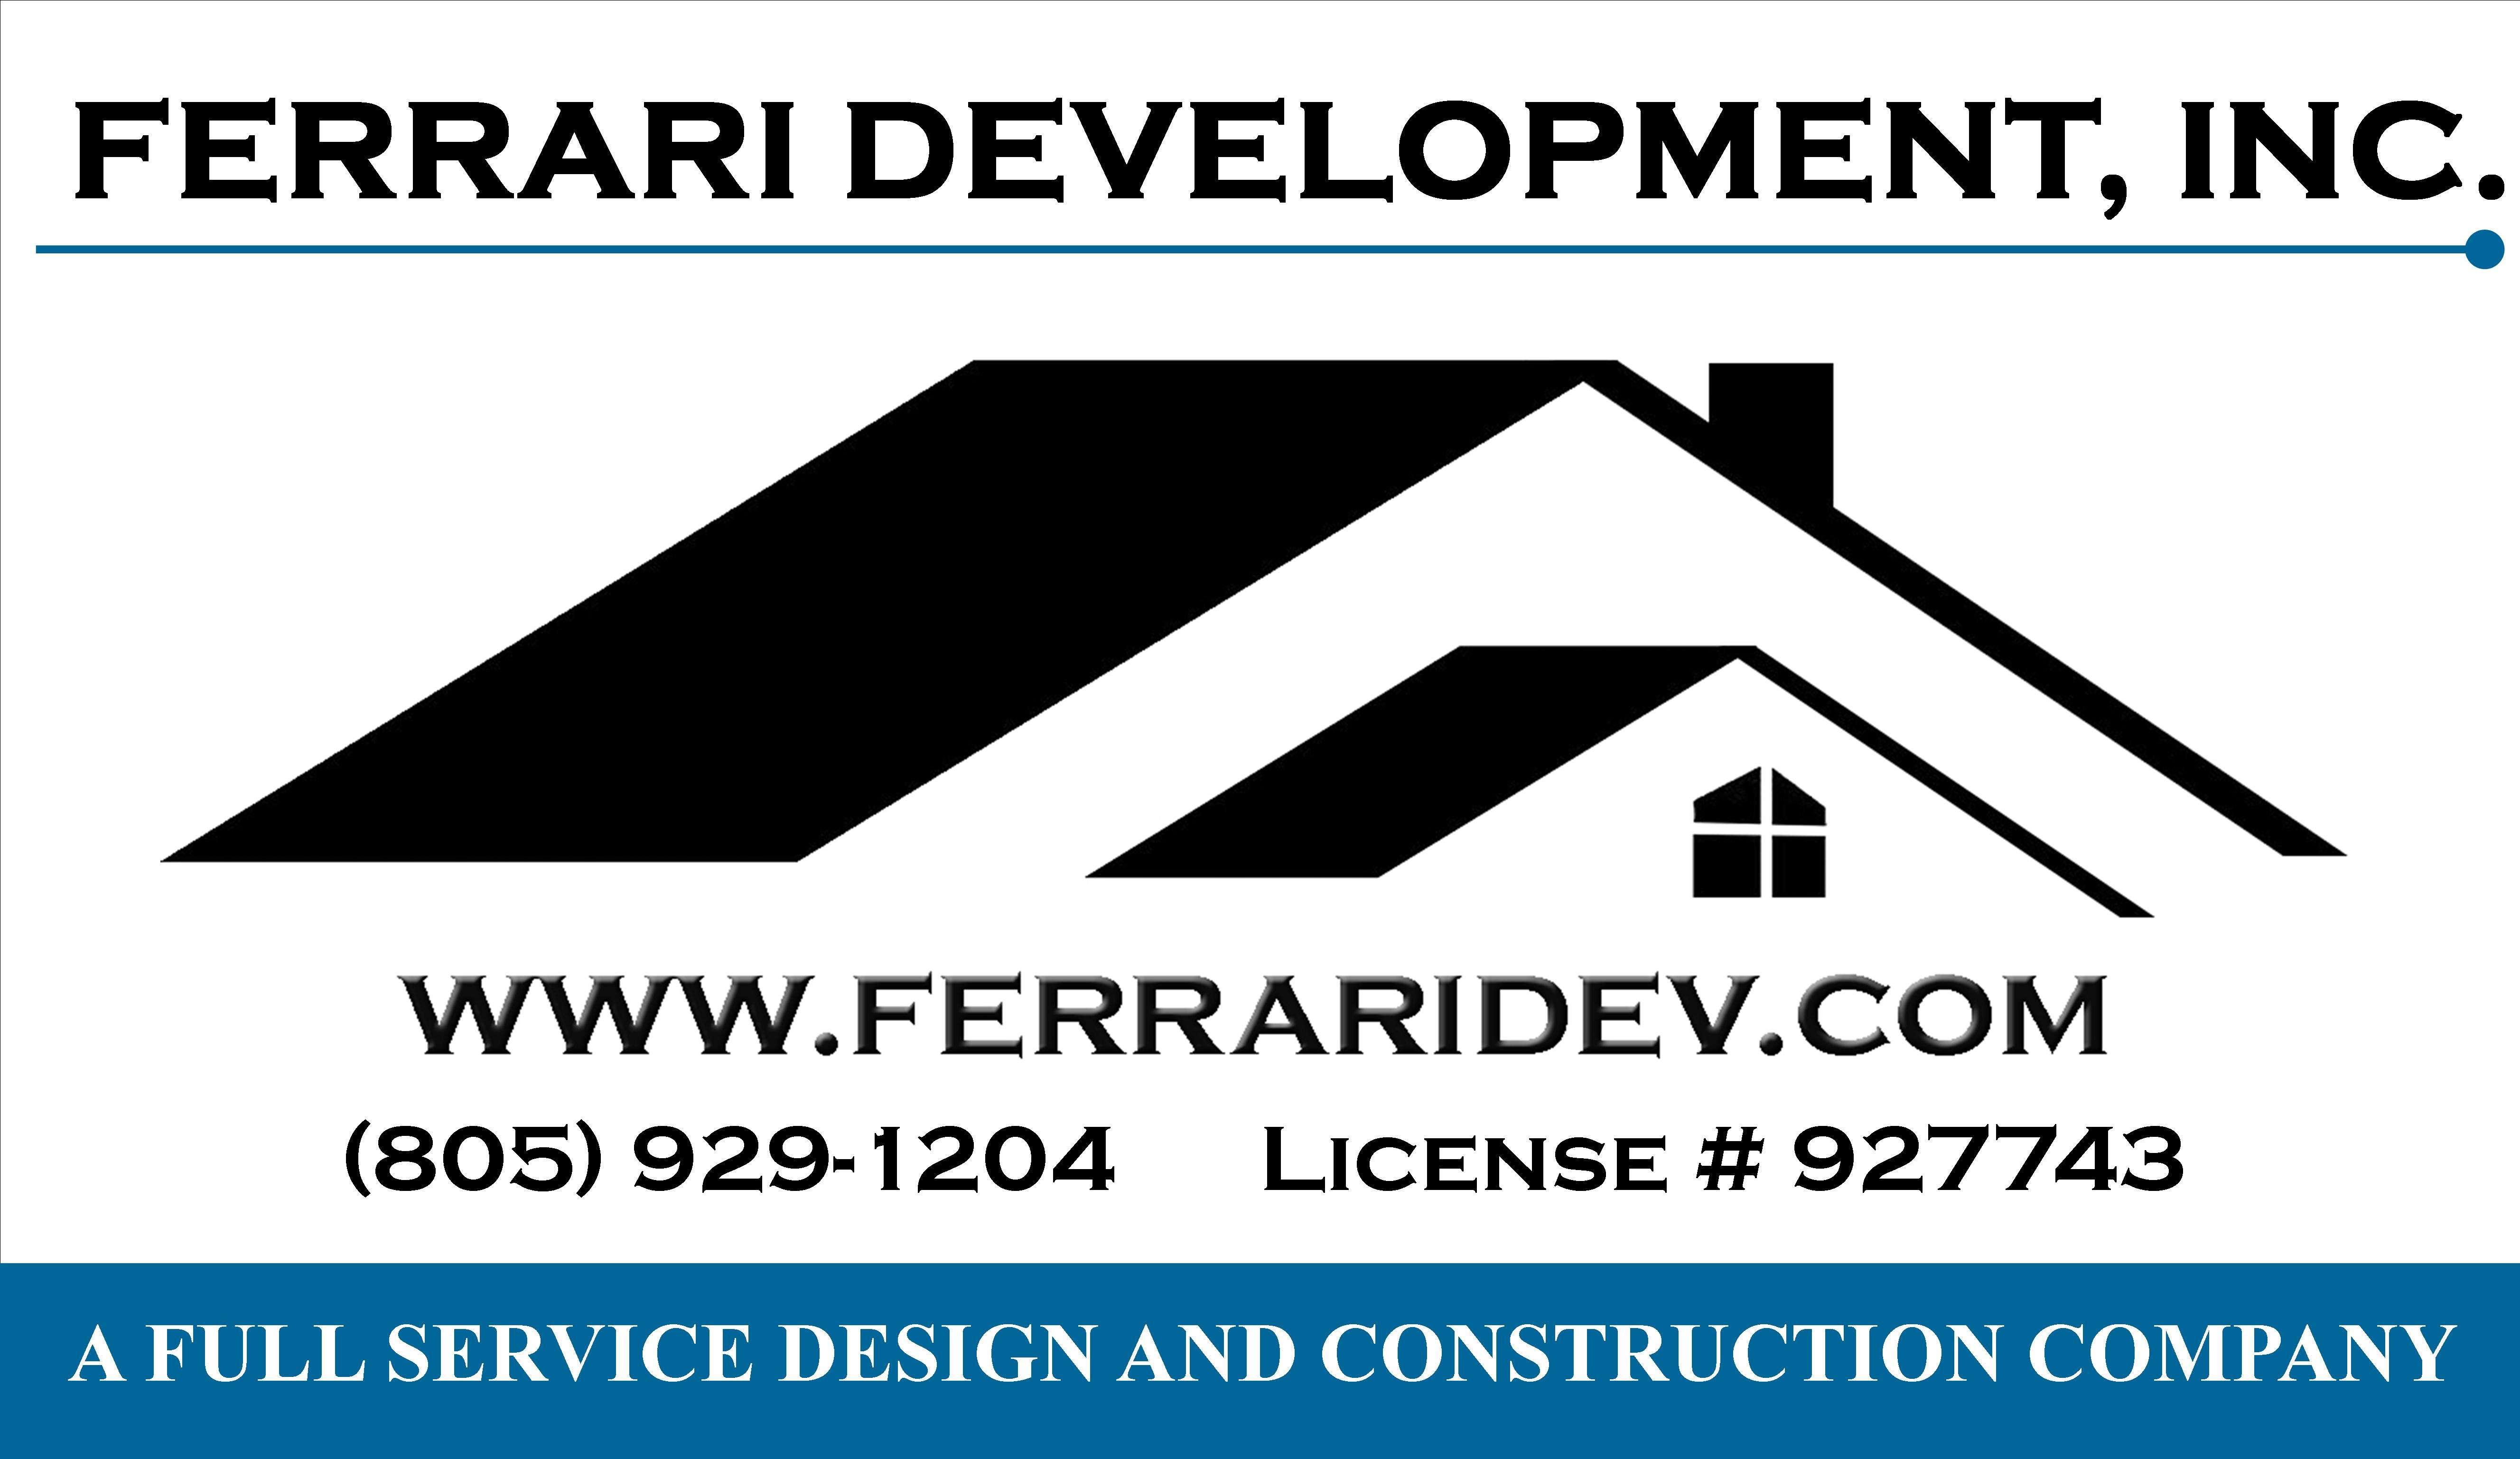 Ferrari Development